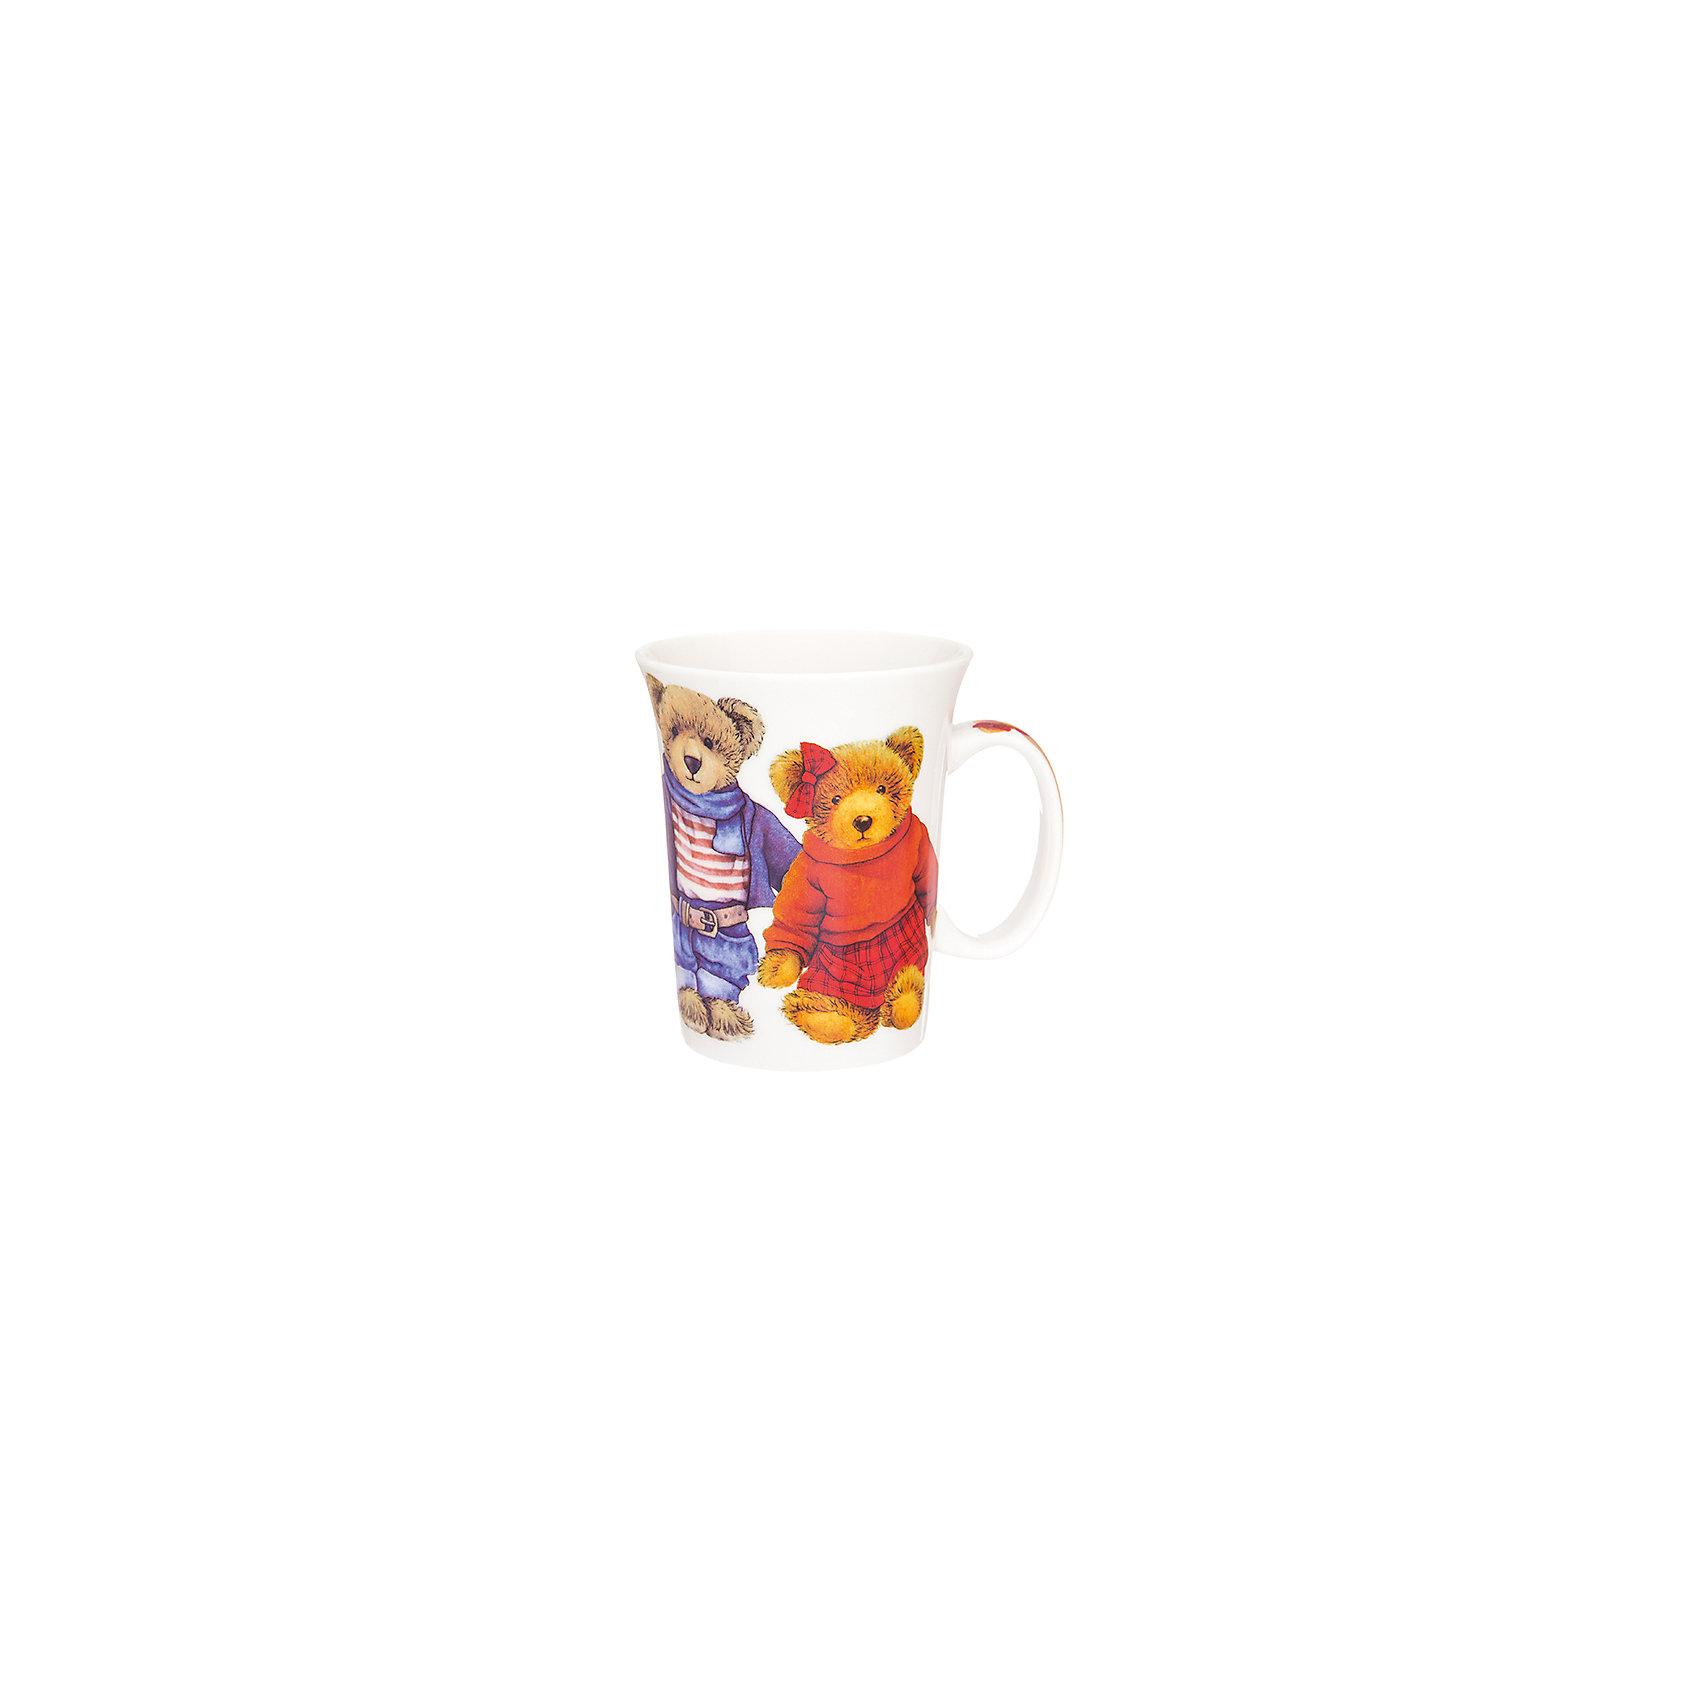 Кружка 300 мл Мишка в оранжевом платье, Elan GalleryПосуда<br>Кружка 300 мл  Elan Gallery 11,5*8,5*10 см. Мишка в оранжевом платье, Elan Gallery Кружка классической формы объемом 300 мл с удобной ручкой. Подходят для любых горячих и холодных напитков, чая, кофе, какао. Изделие имеет подарочную упаковку, поэтому станет желанным подарком для Ваших близких! Не рекомендуется применять абразивные моющие средства.<br><br>Ширина мм: 100<br>Глубина мм: 100<br>Высота мм: 110<br>Вес г: 300<br>Возраст от месяцев: 0<br>Возраст до месяцев: 1188<br>Пол: Унисекс<br>Возраст: Детский<br>SKU: 6668906